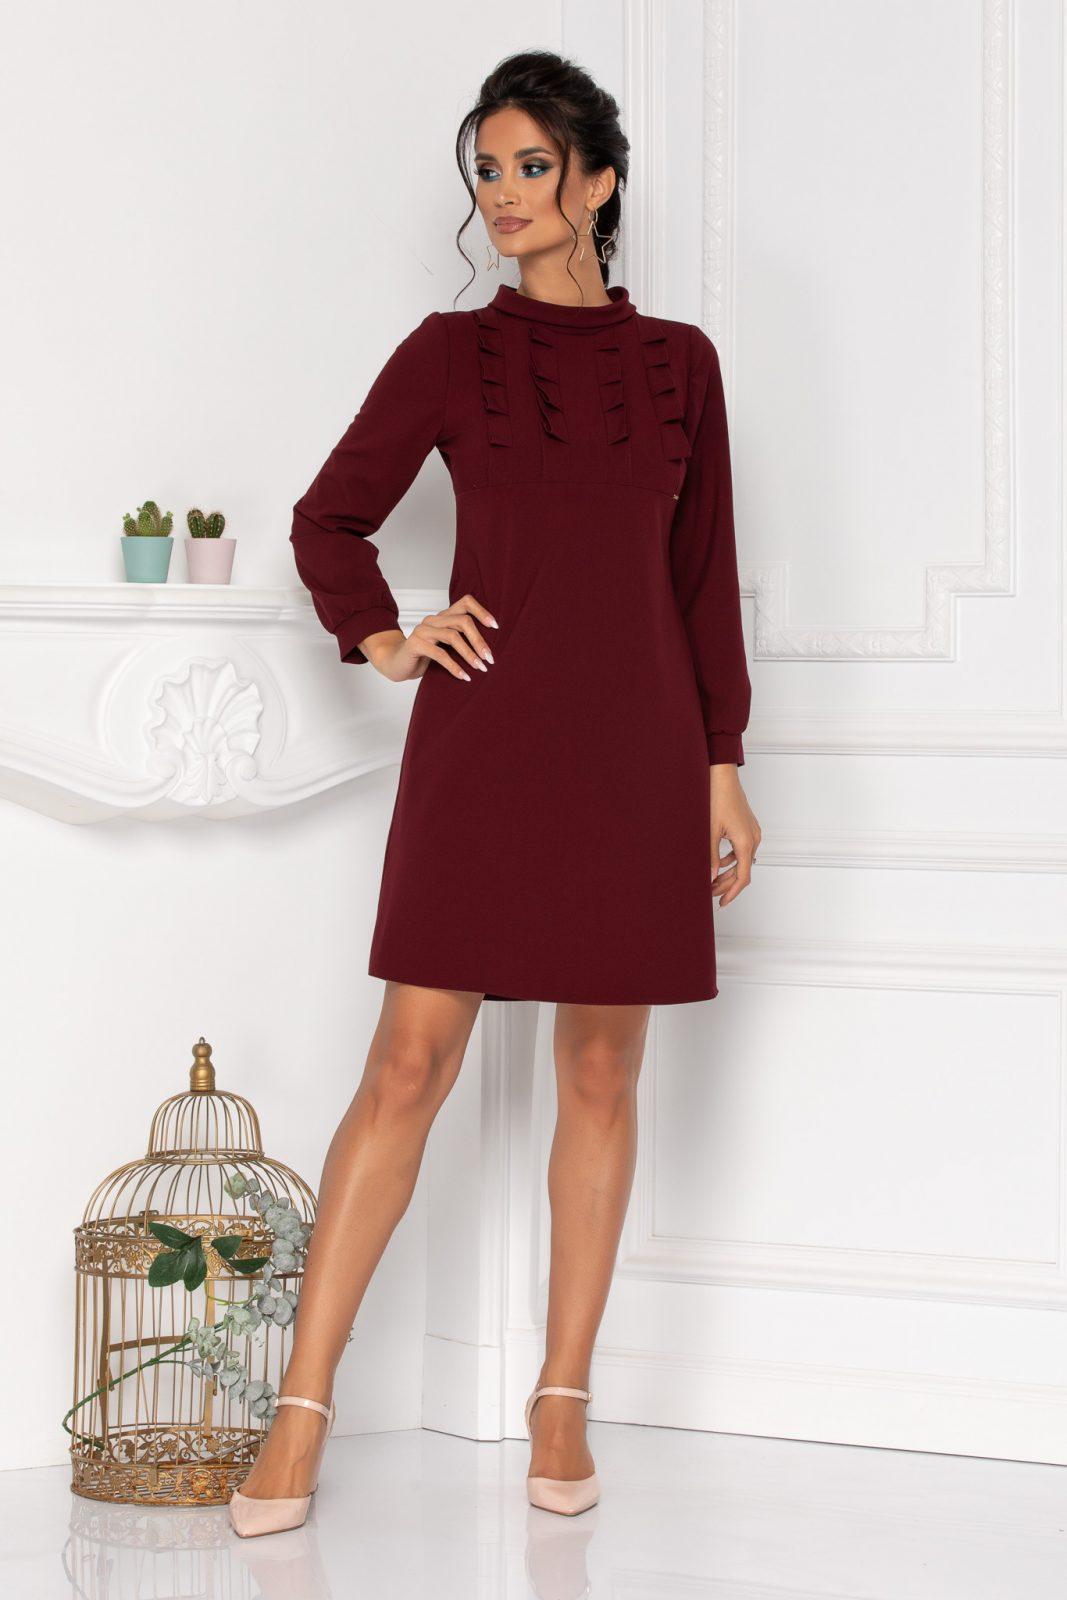 Μπορντό Φόρεμα Με Βολάν Moze Rochelle 8425